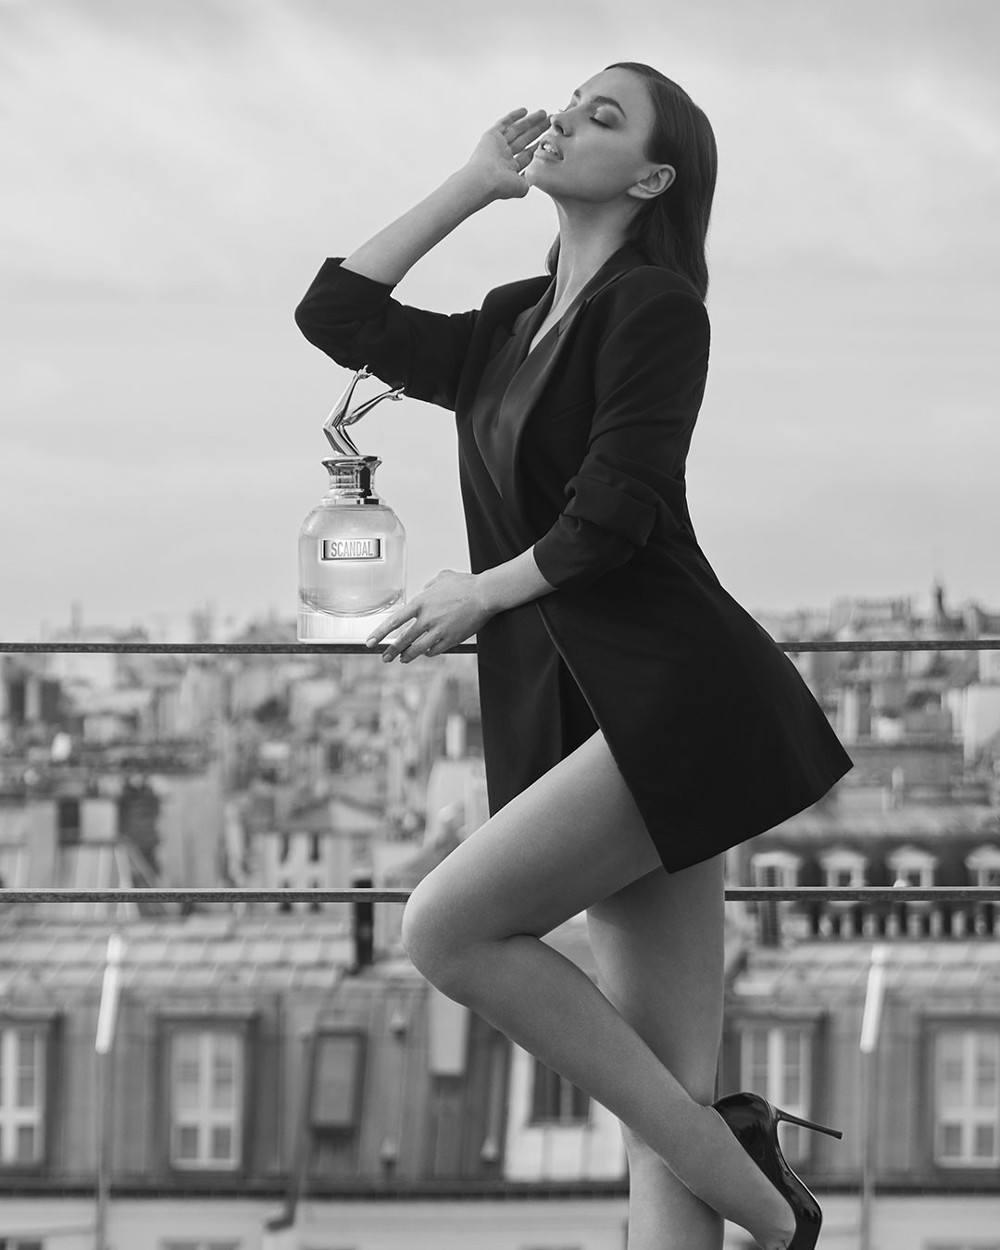 bcf79de6 Irina Shayk nos tienta con Scandal A Paris de Jean Paul Gaultier. Jean Paul  Gaultier ha vuelto para provocar el escándalo. - LOFF.IT